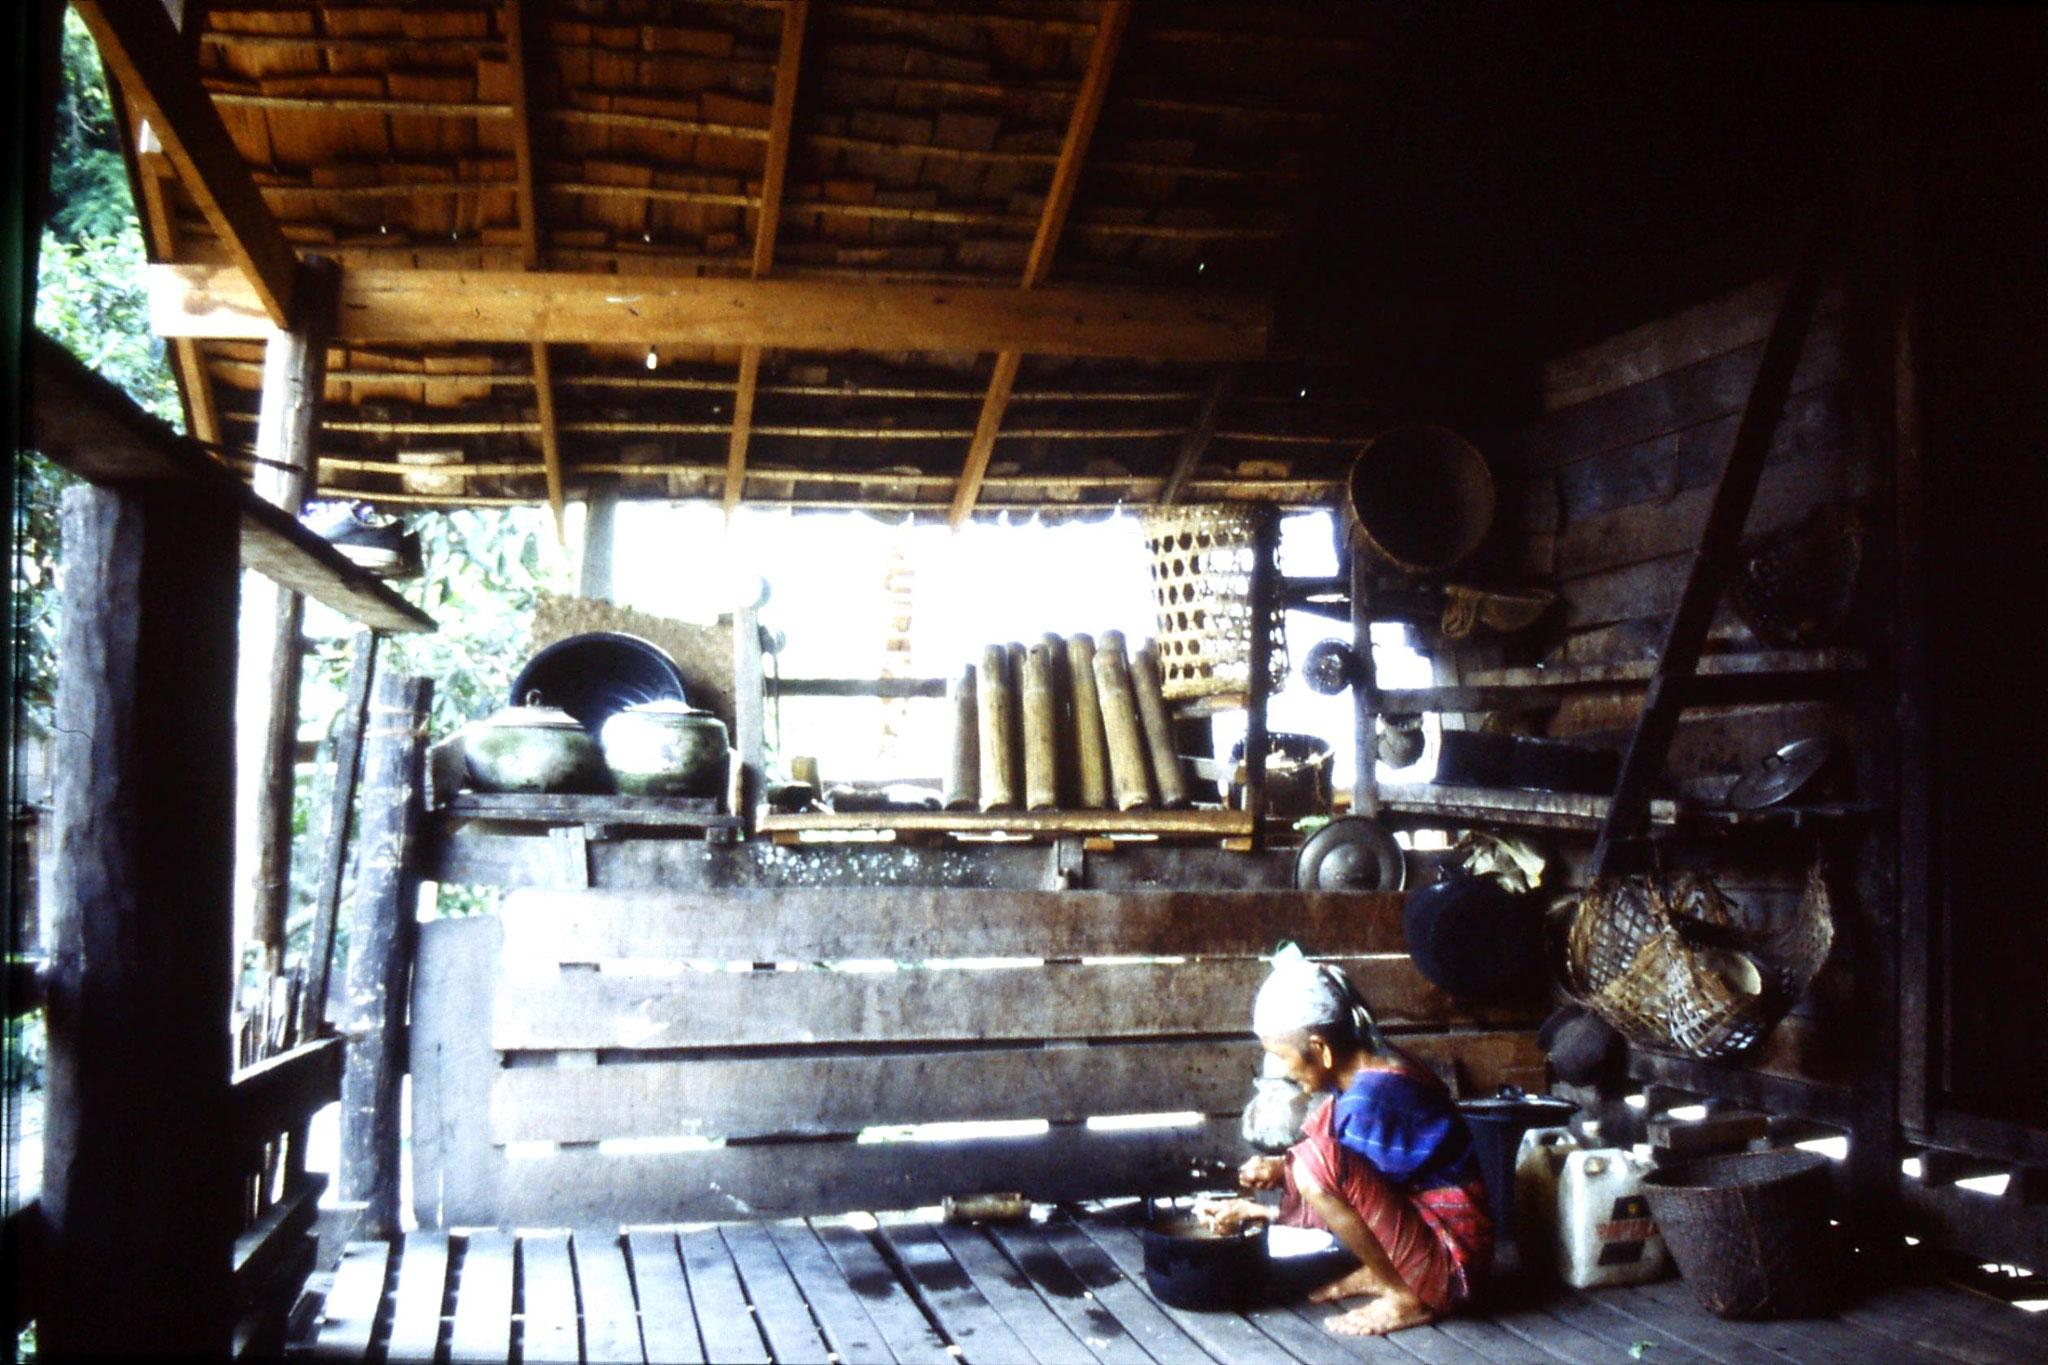 12/6/1990: 25: Trek - Hue Kom Karen village, chopping bamboo